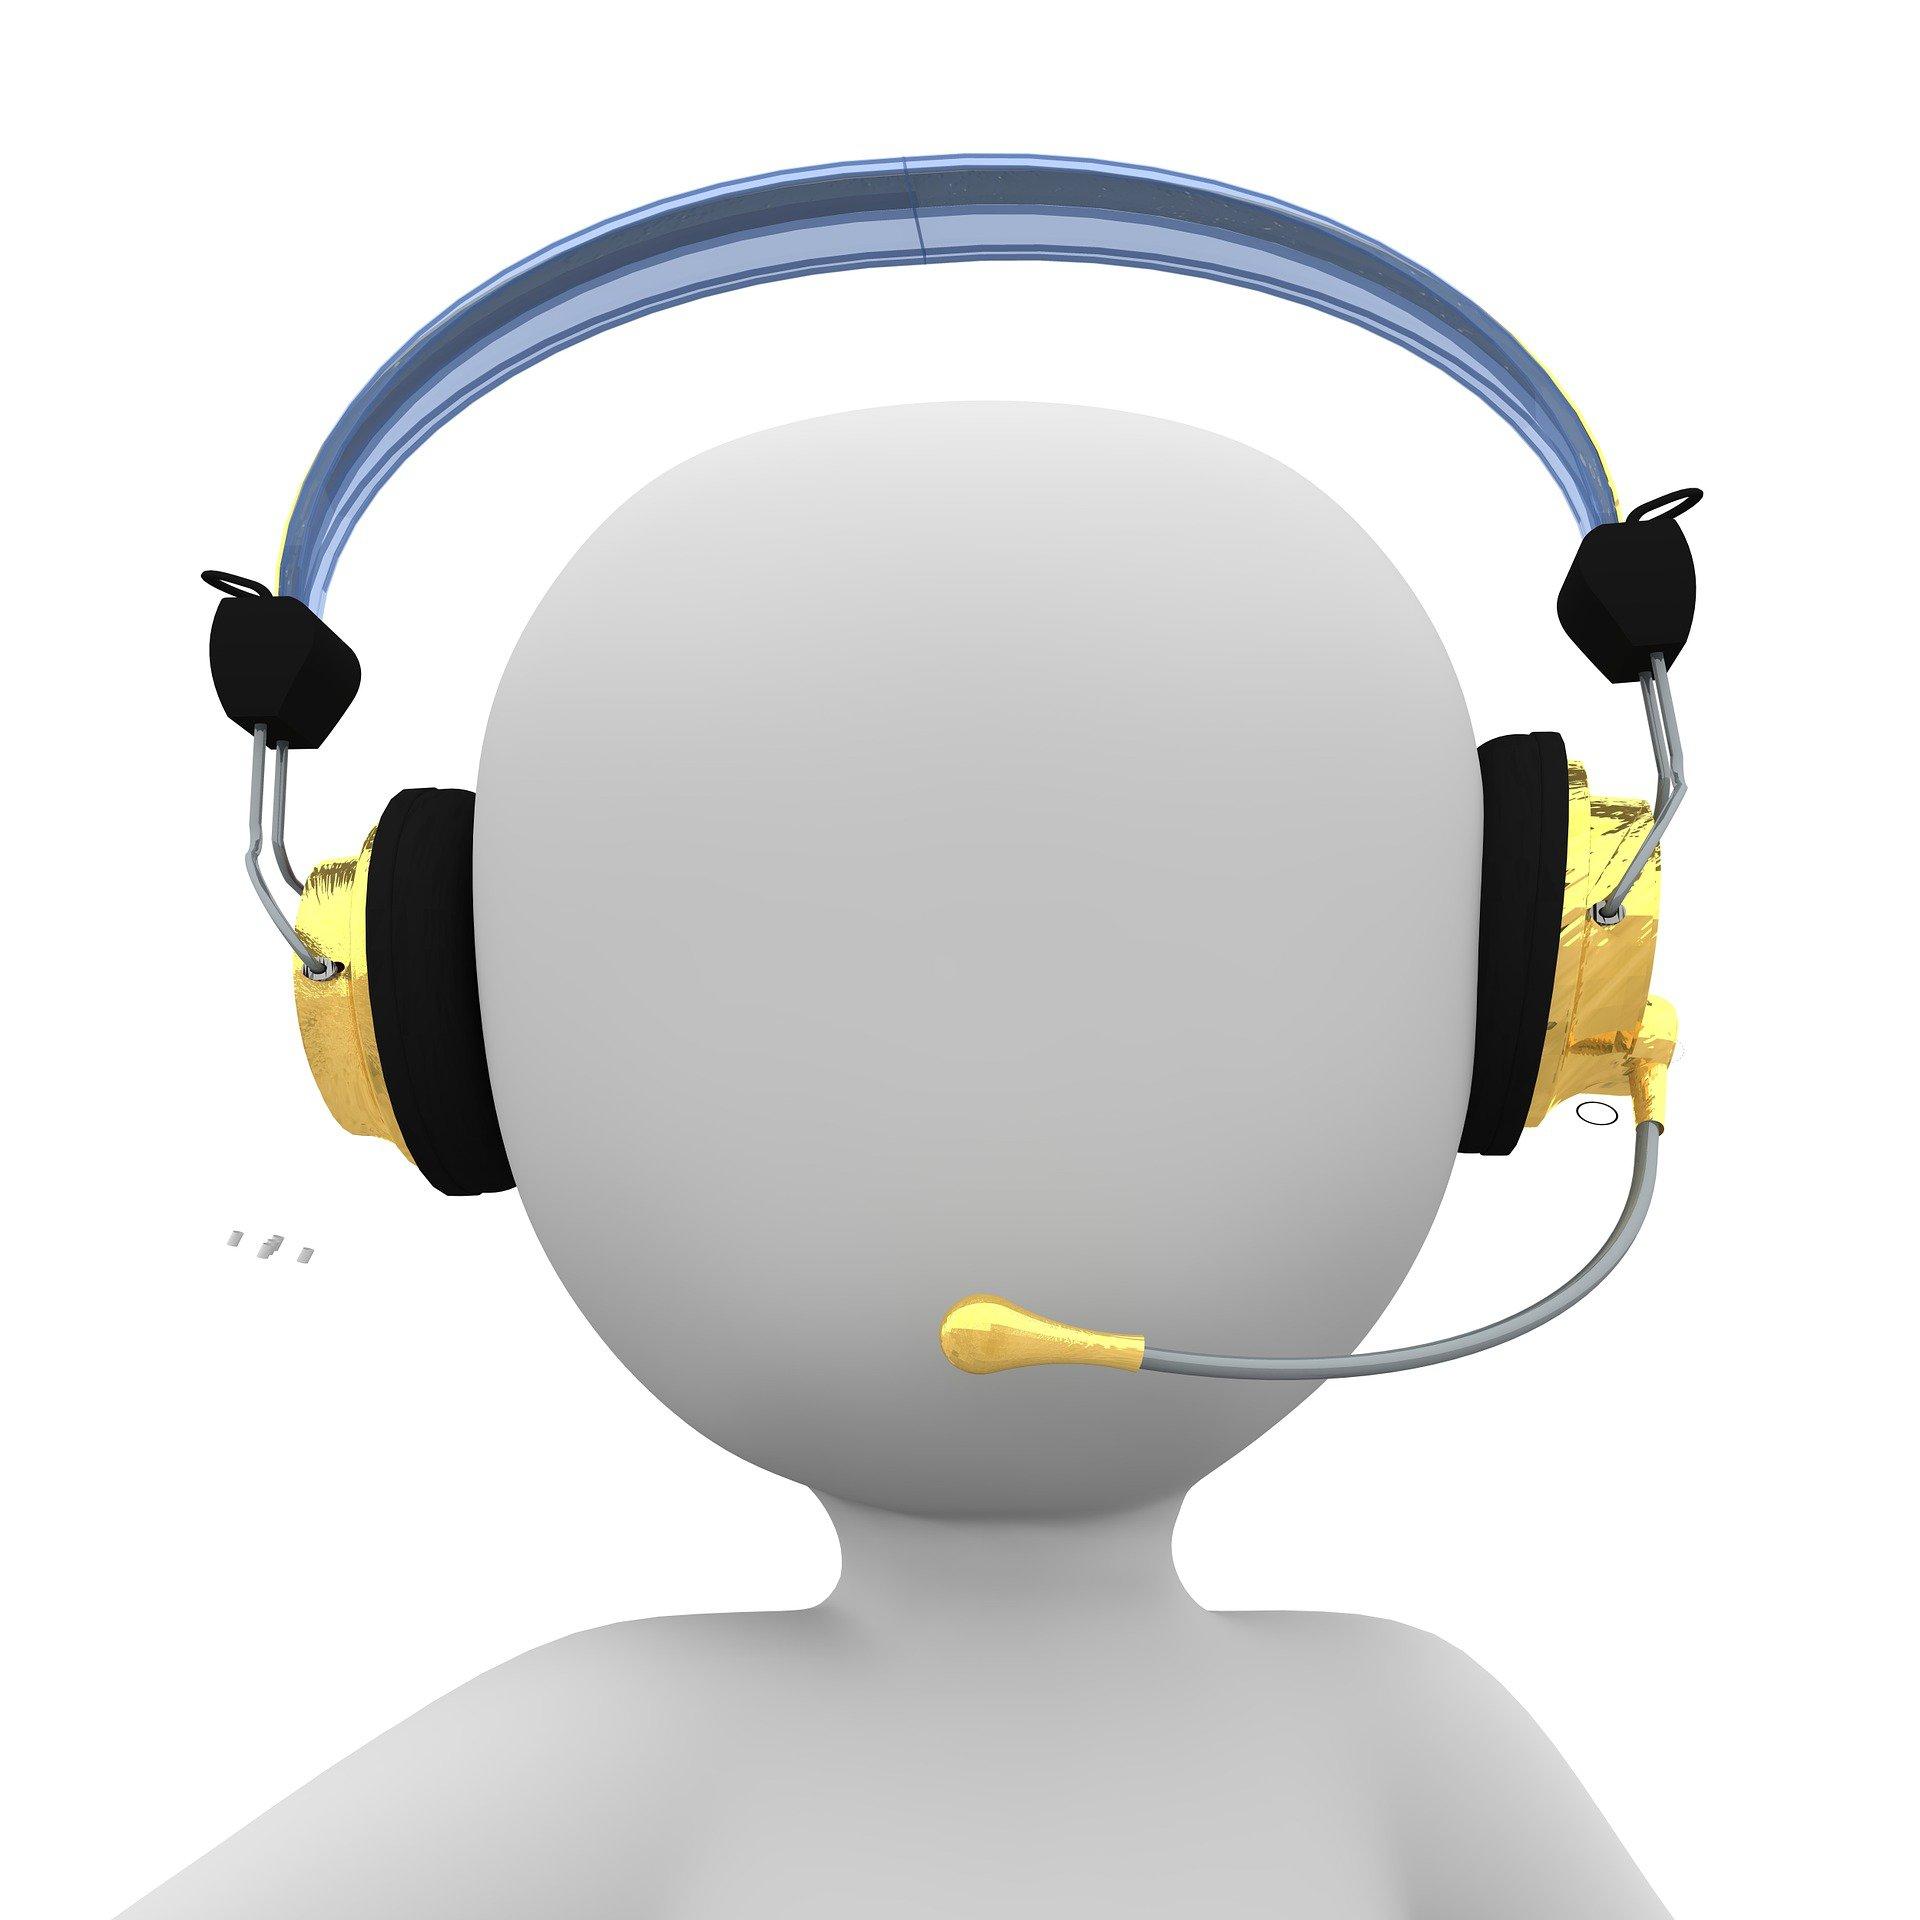 Servizi integrati alle imprese sportello telefonico call-centerjpg_5750_1.jpg (Art. corrente, Pag. 1, Foto generica)